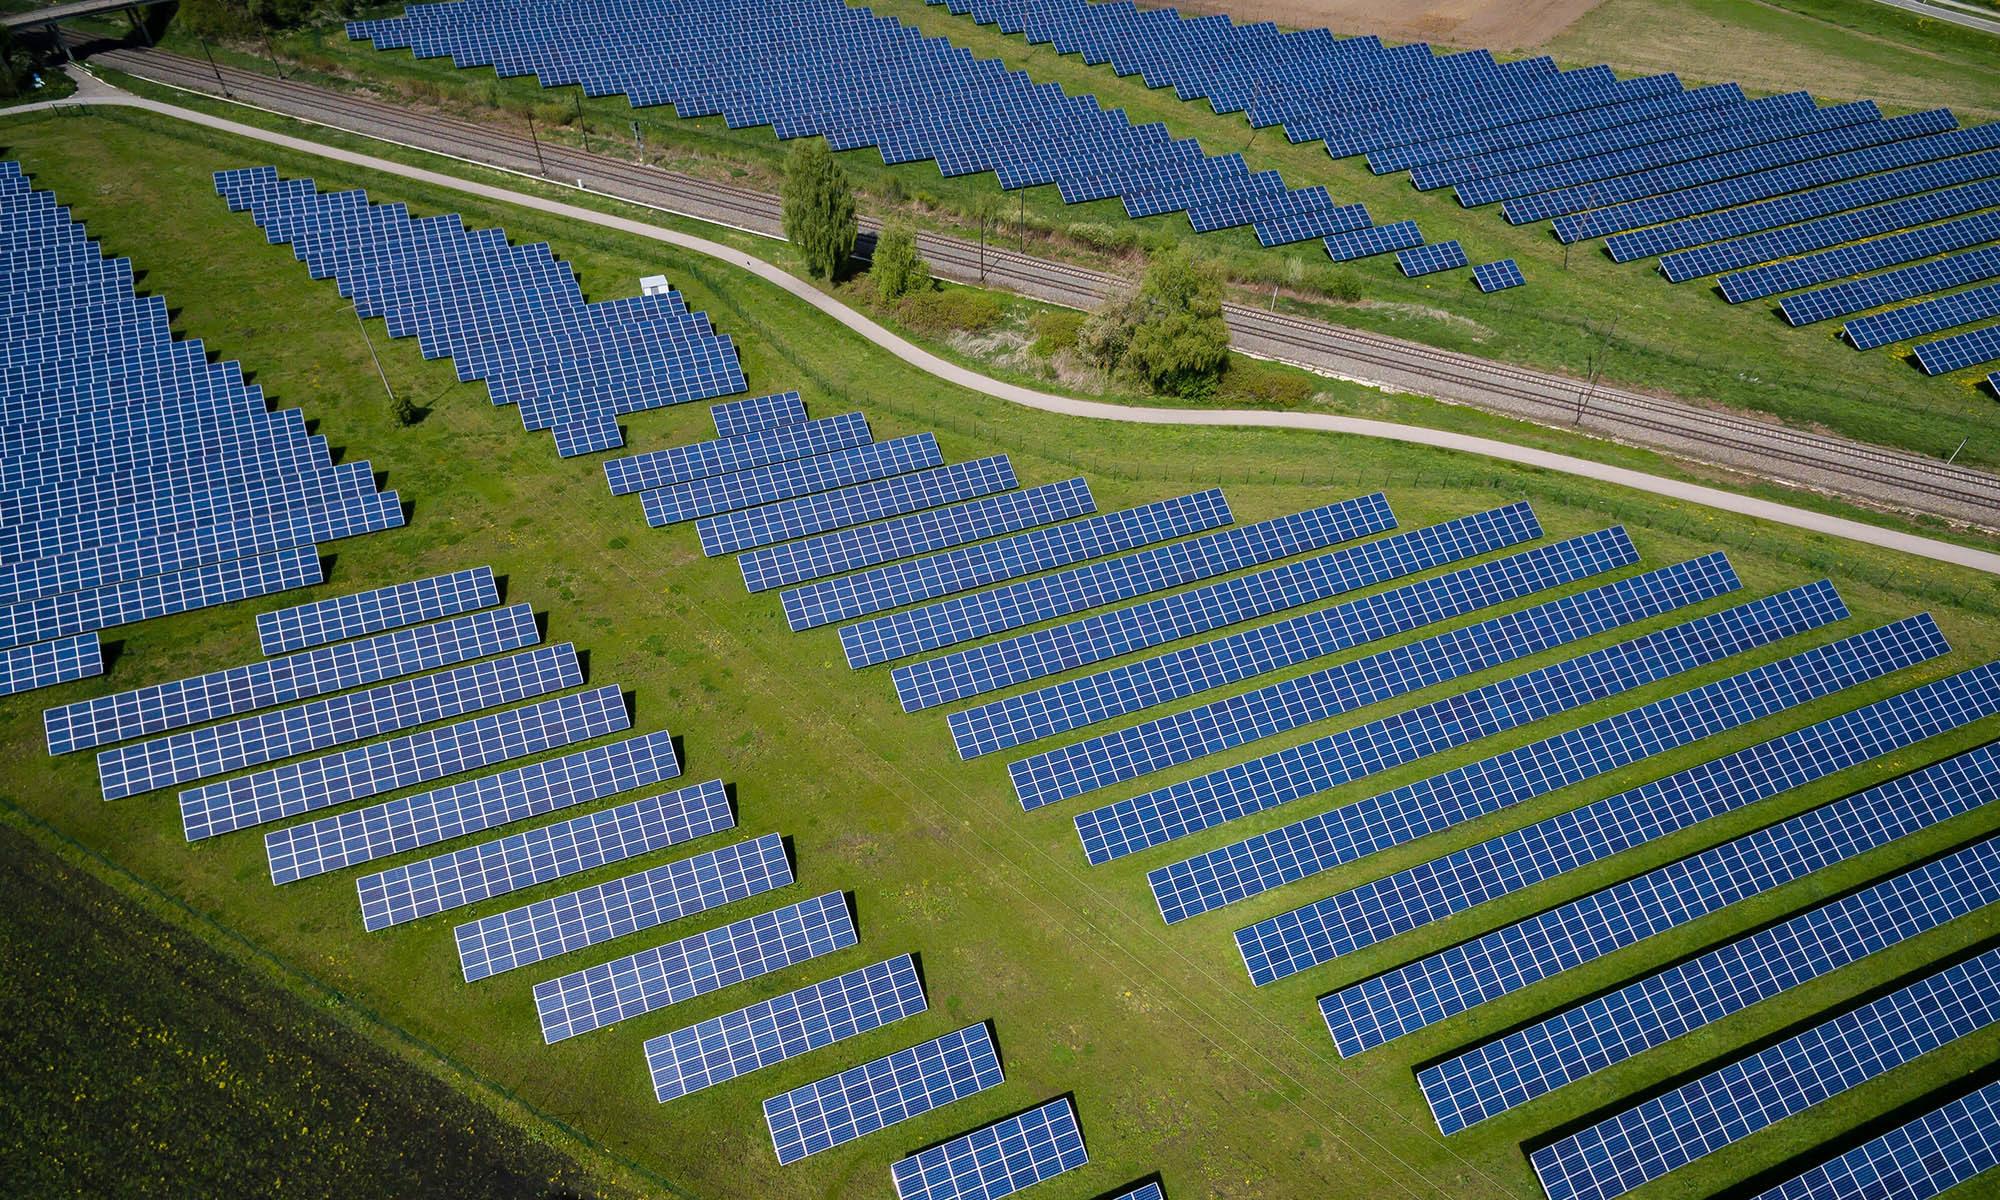 F E C - Fuss Energy Consulting